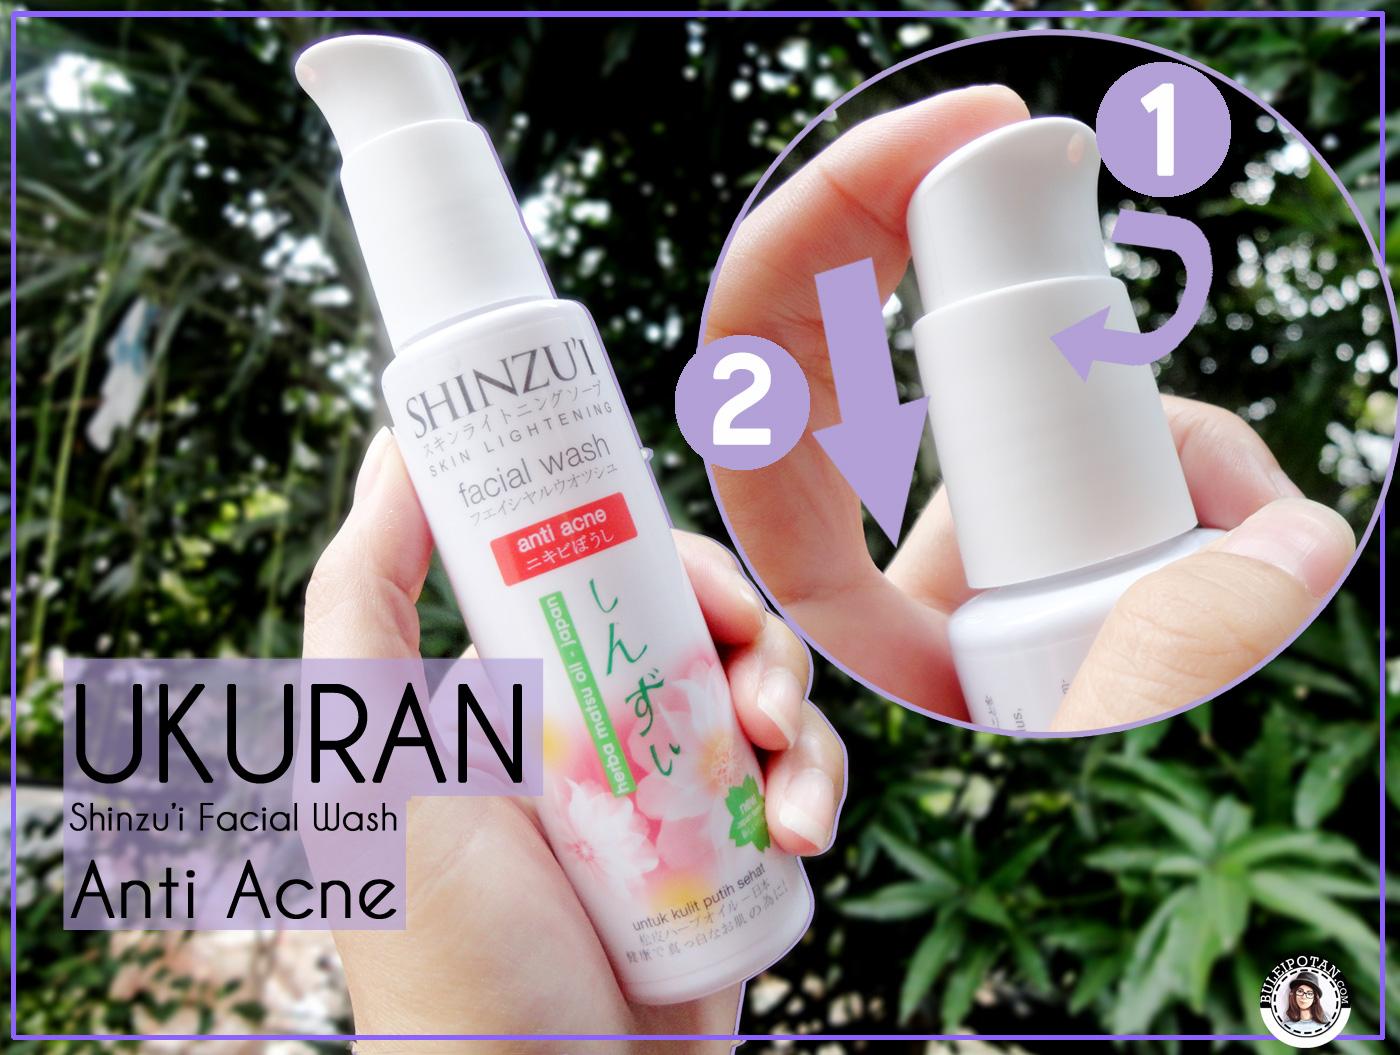 Product Review Shinzui Punya Sabun Cuci Muka Untuk Kulit Dua Buah Ume Herba Natural Oil Pemutih Badan Wajah Berjerawat